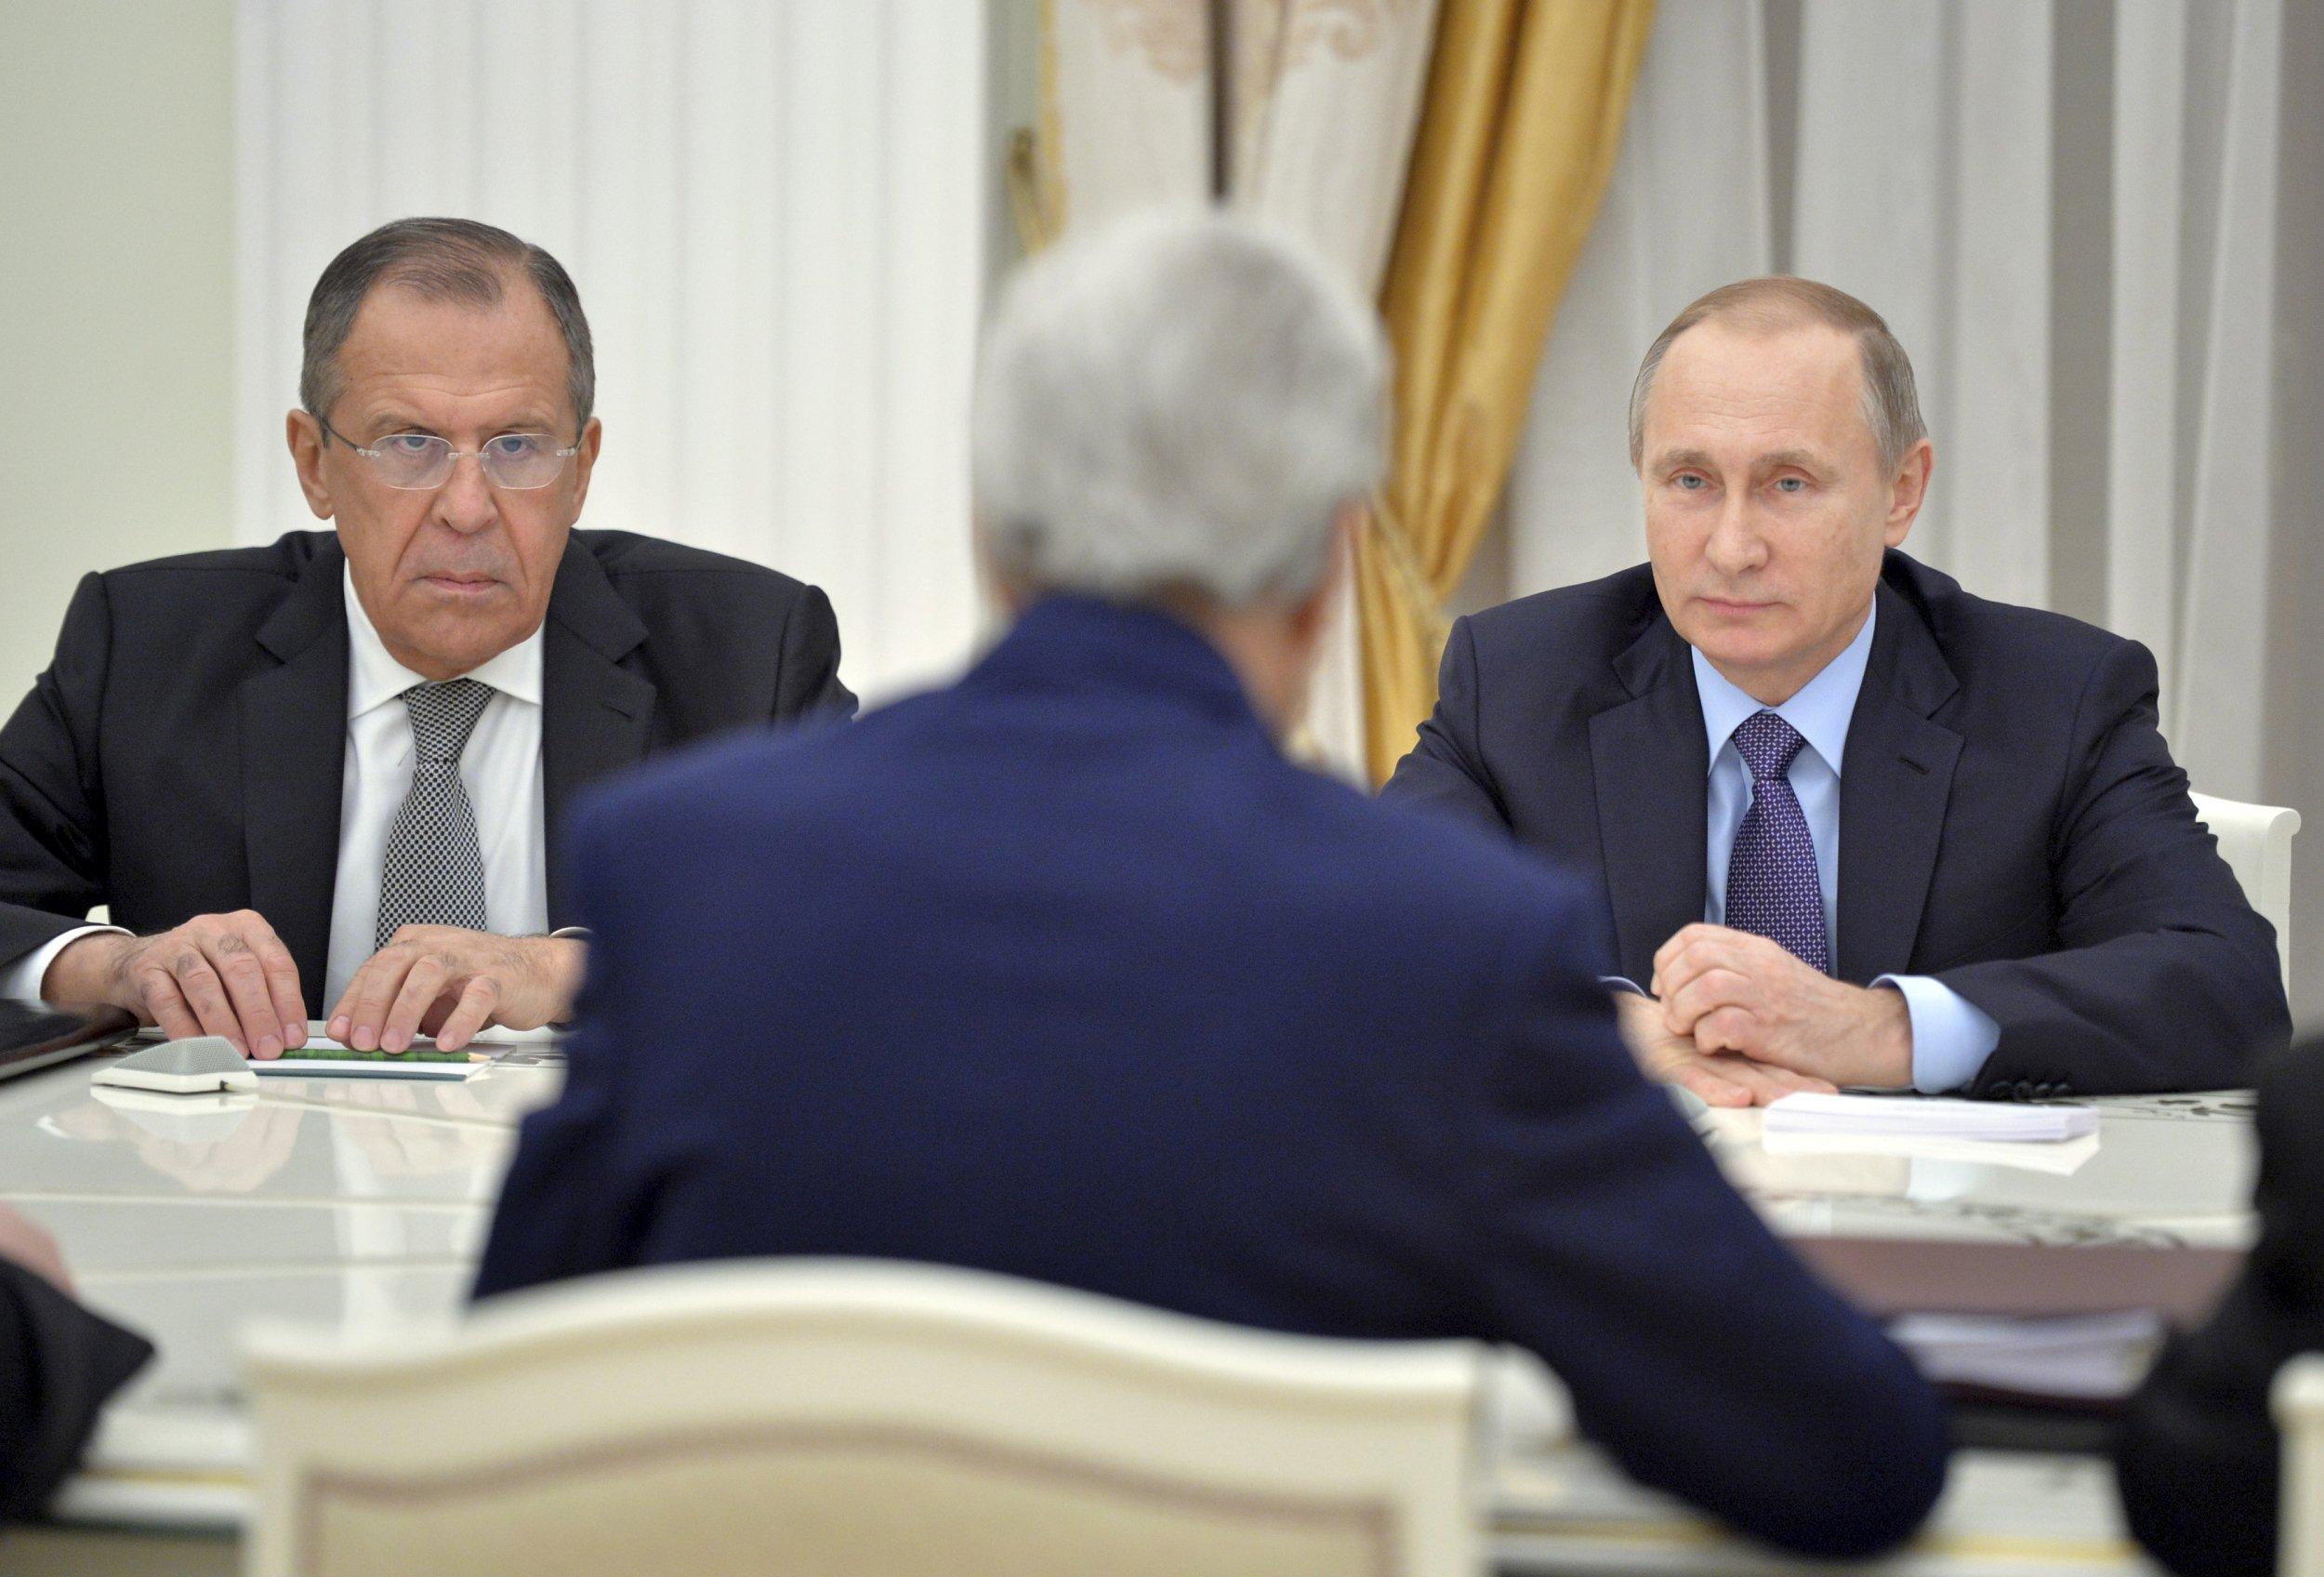 Sergei Lavrov and Vladimir Putin (R)